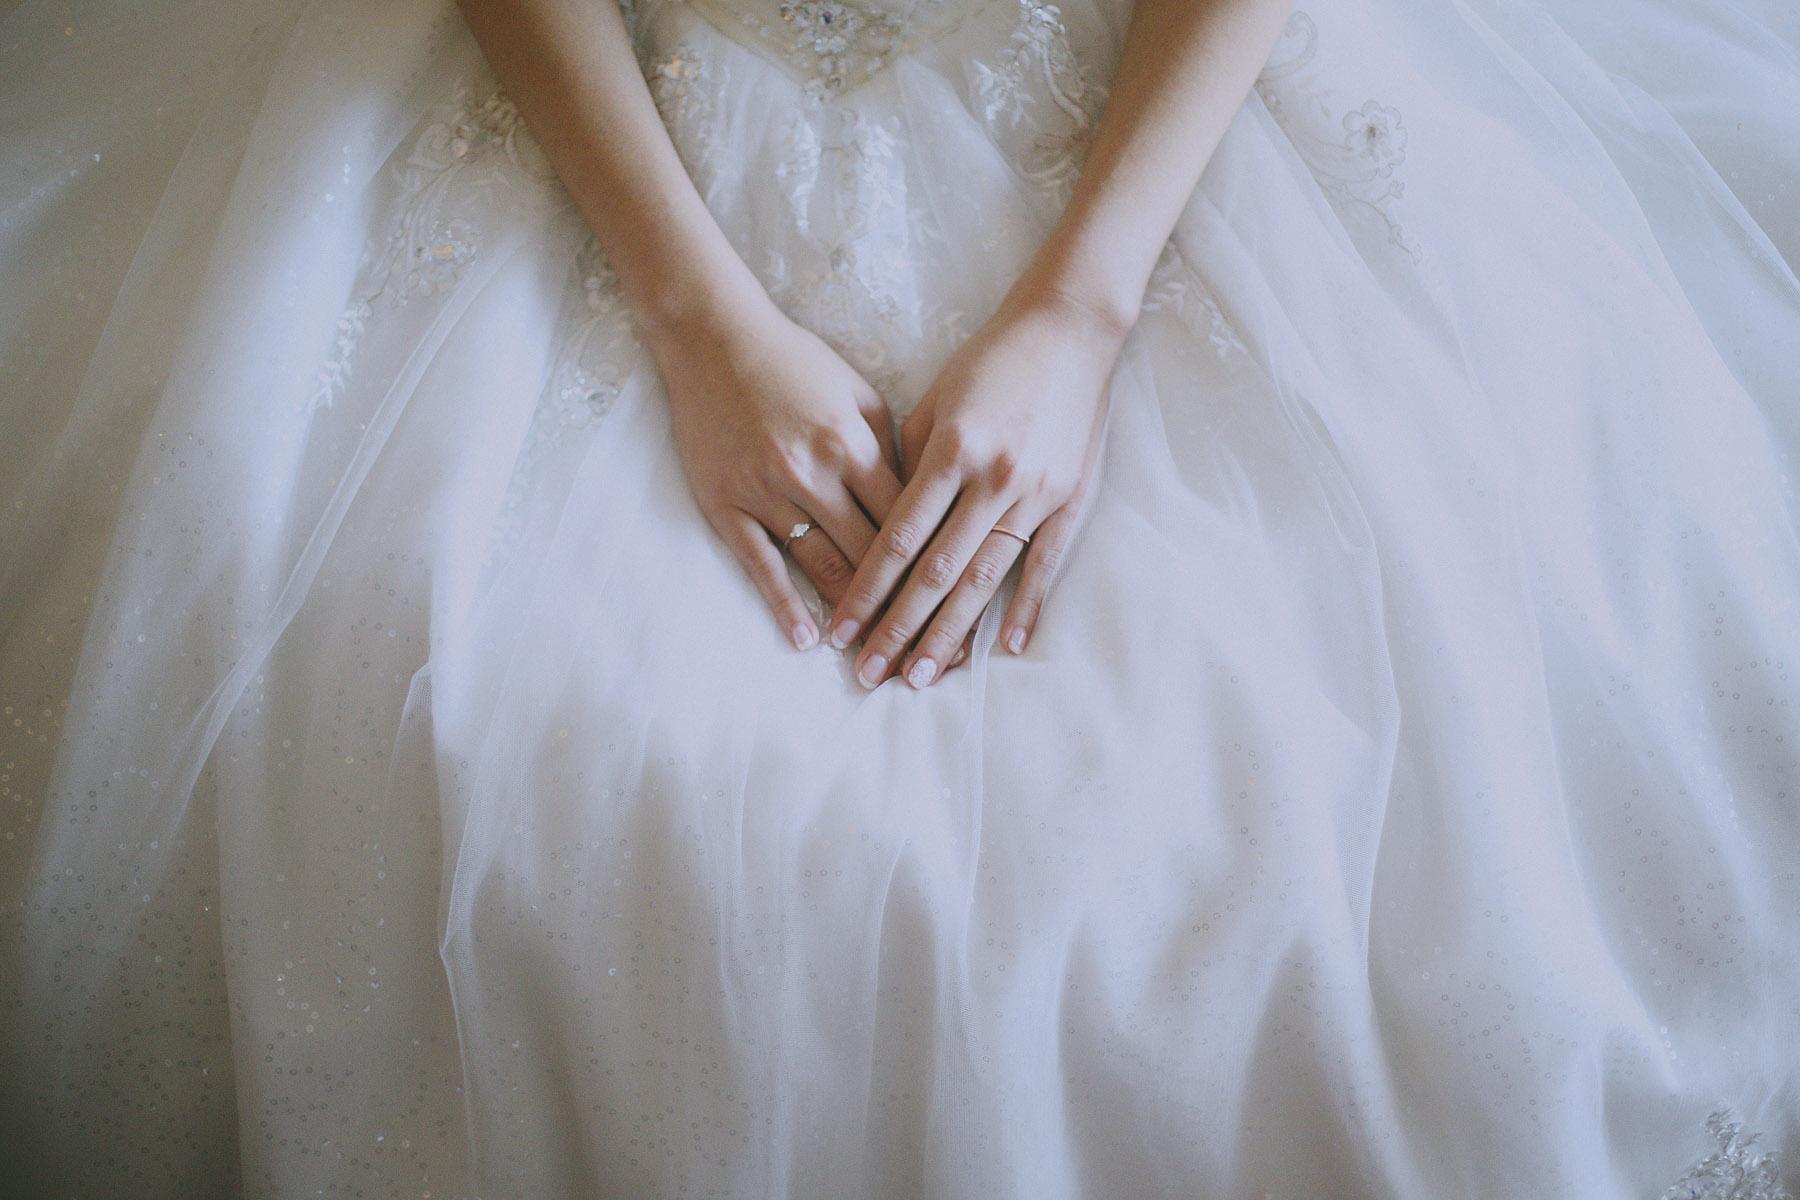 底片婚攝,婚禮攝影,電影風格,台北婚攝推薦,婚攝,婚禮紀錄,底片風格,日系風格